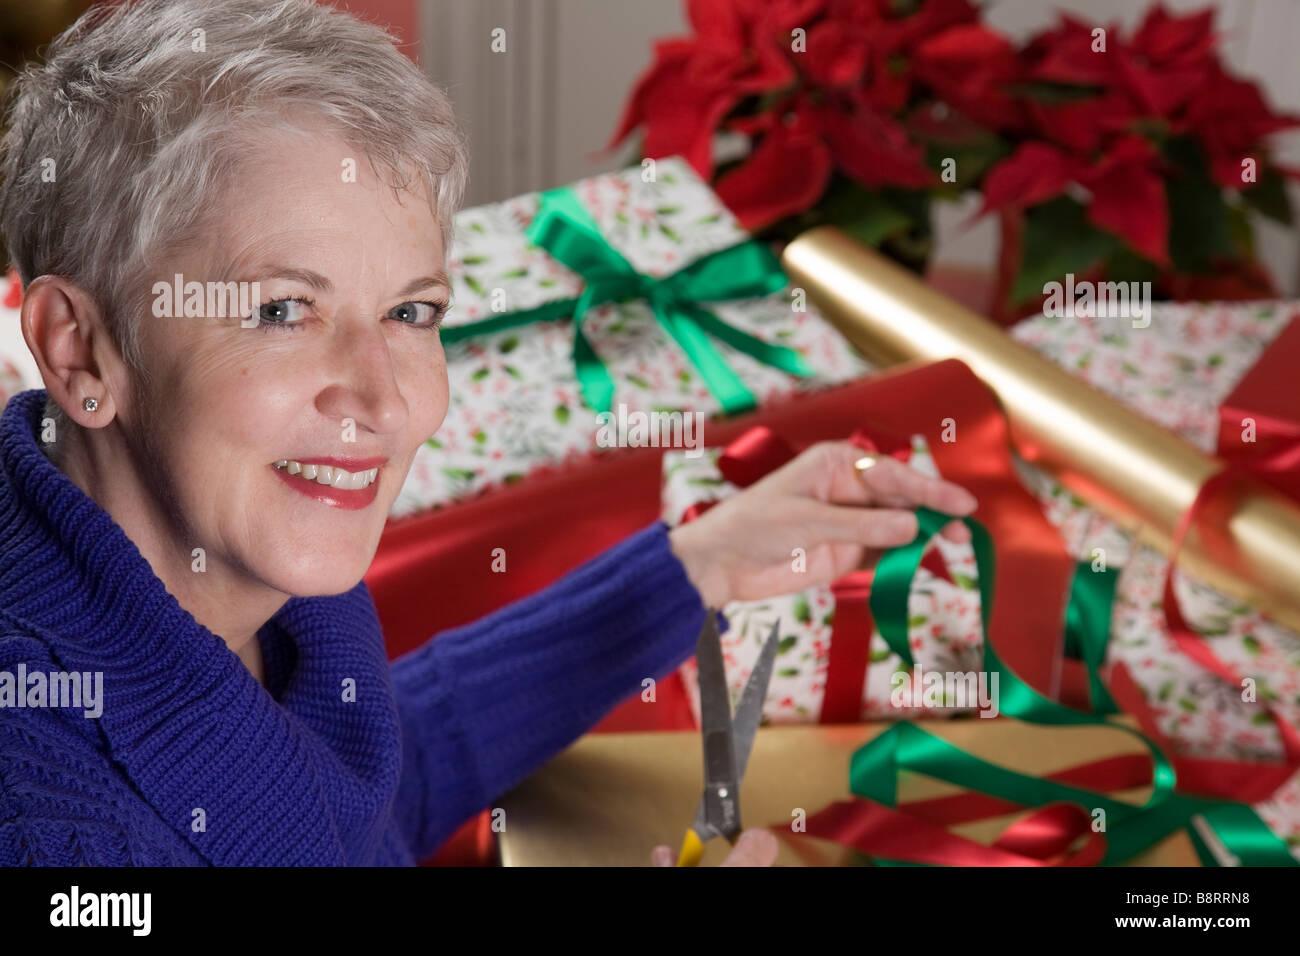 Reife Frau Geschenke Verpacken Stockfoto, Bild: 22651140 - Alamy